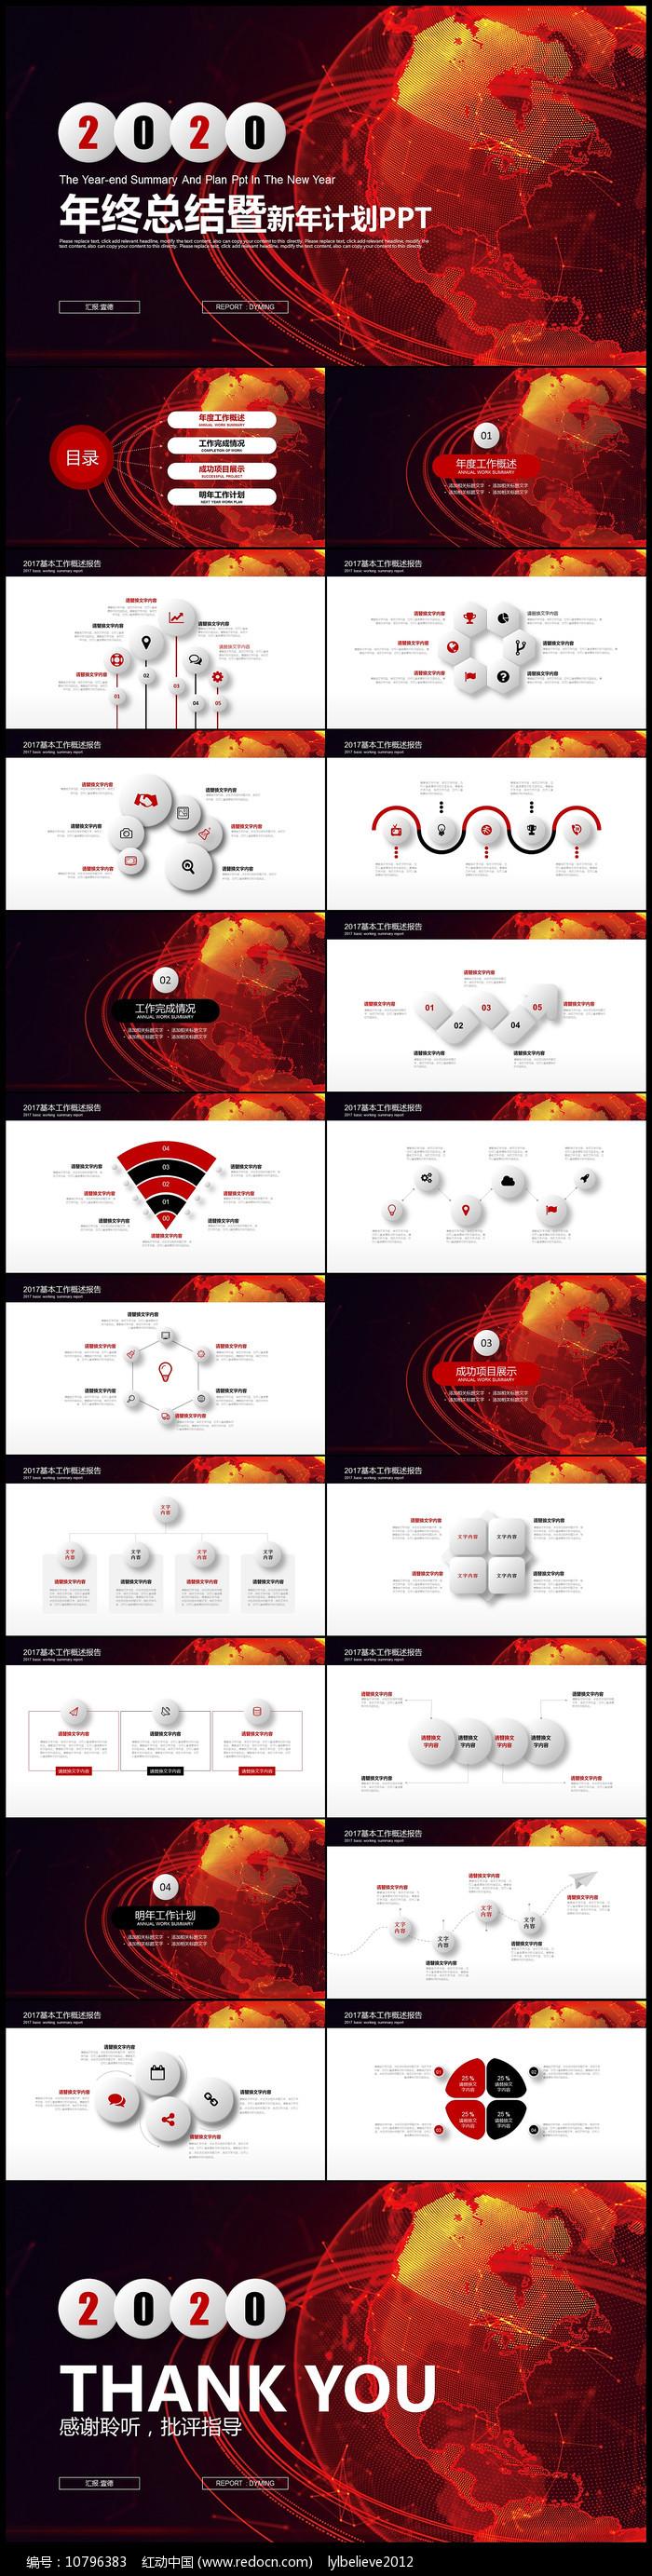 红色地球科技互联网年终总结PPT模板图片